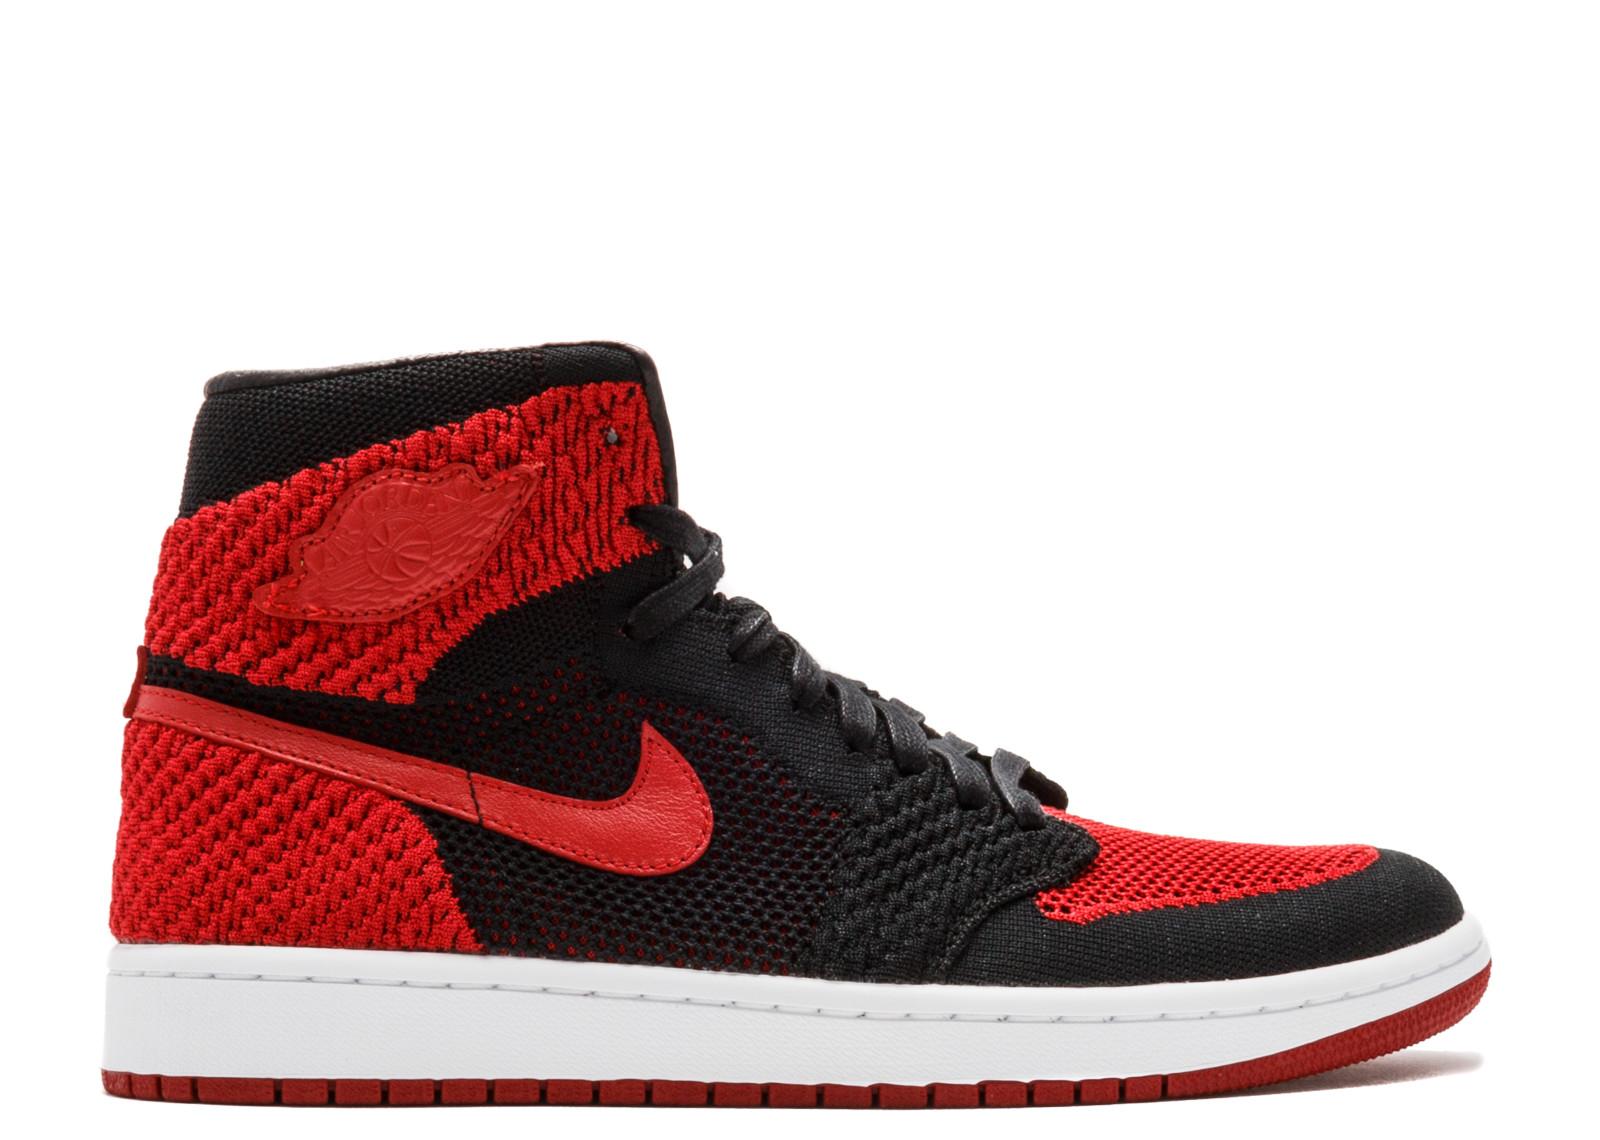 Chaussures Nike Air Jordan 1 retro high flyknit (taille au choix)